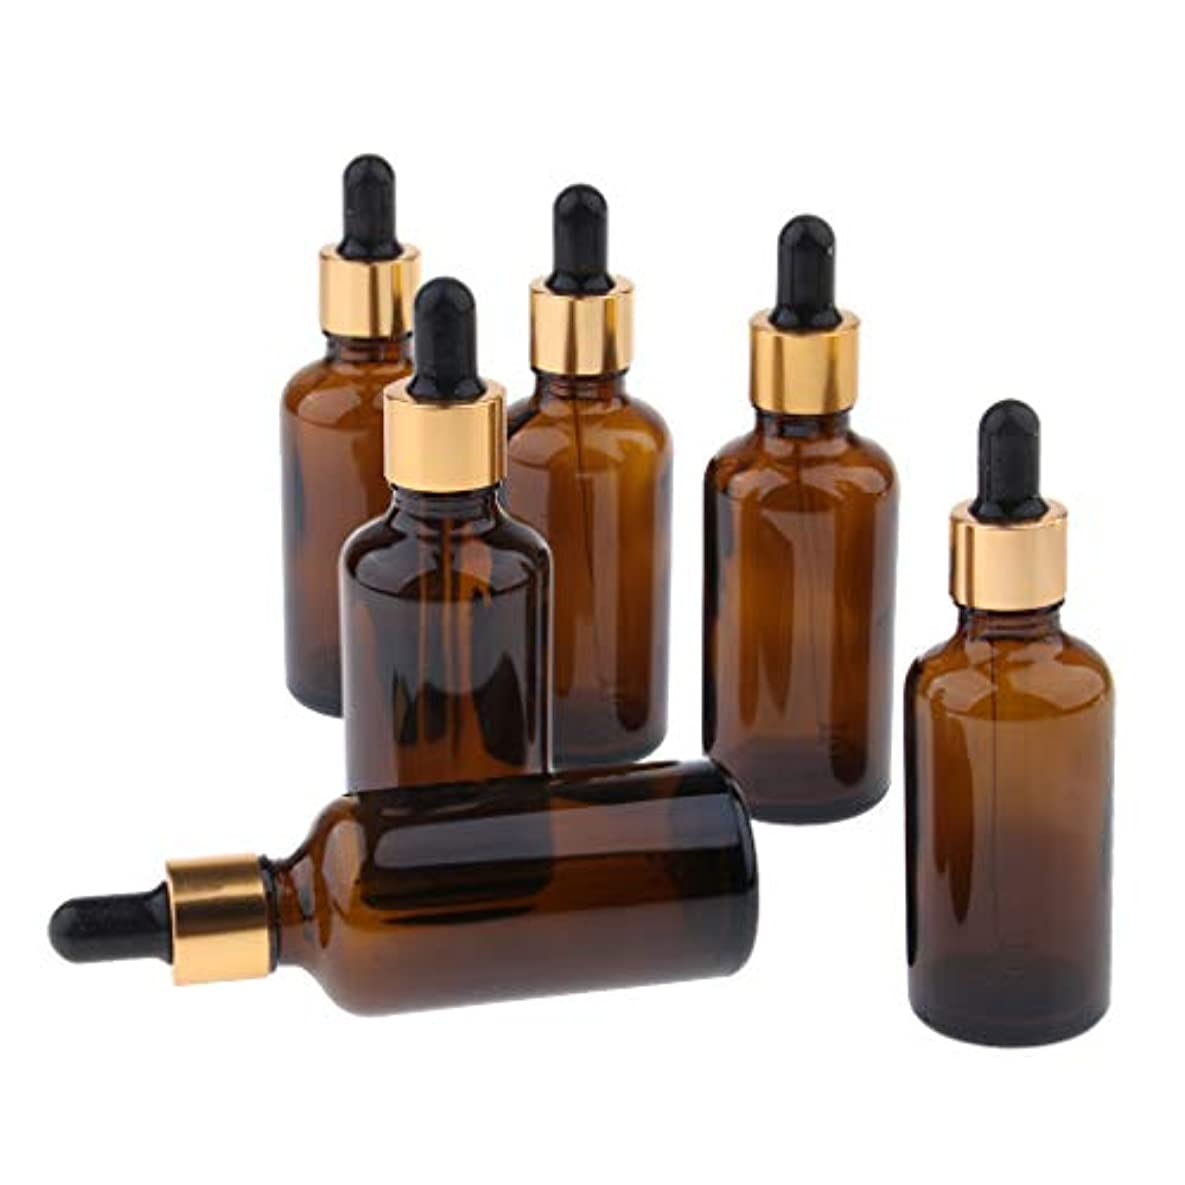 反論暴露するルーフBaoblaze 6個 精油瓶 遮光瓶 空瓶 ガラス 分け瓶 香水瓶 オイルボトル スポイト 詰め替え 旅行 マルチ容量選択 - 50ml